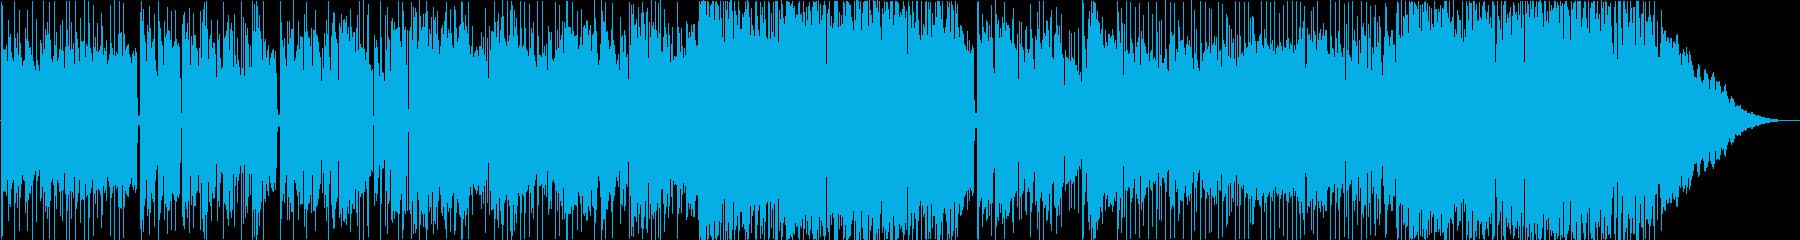 【生演奏】3ピースポップスバンドの再生済みの波形